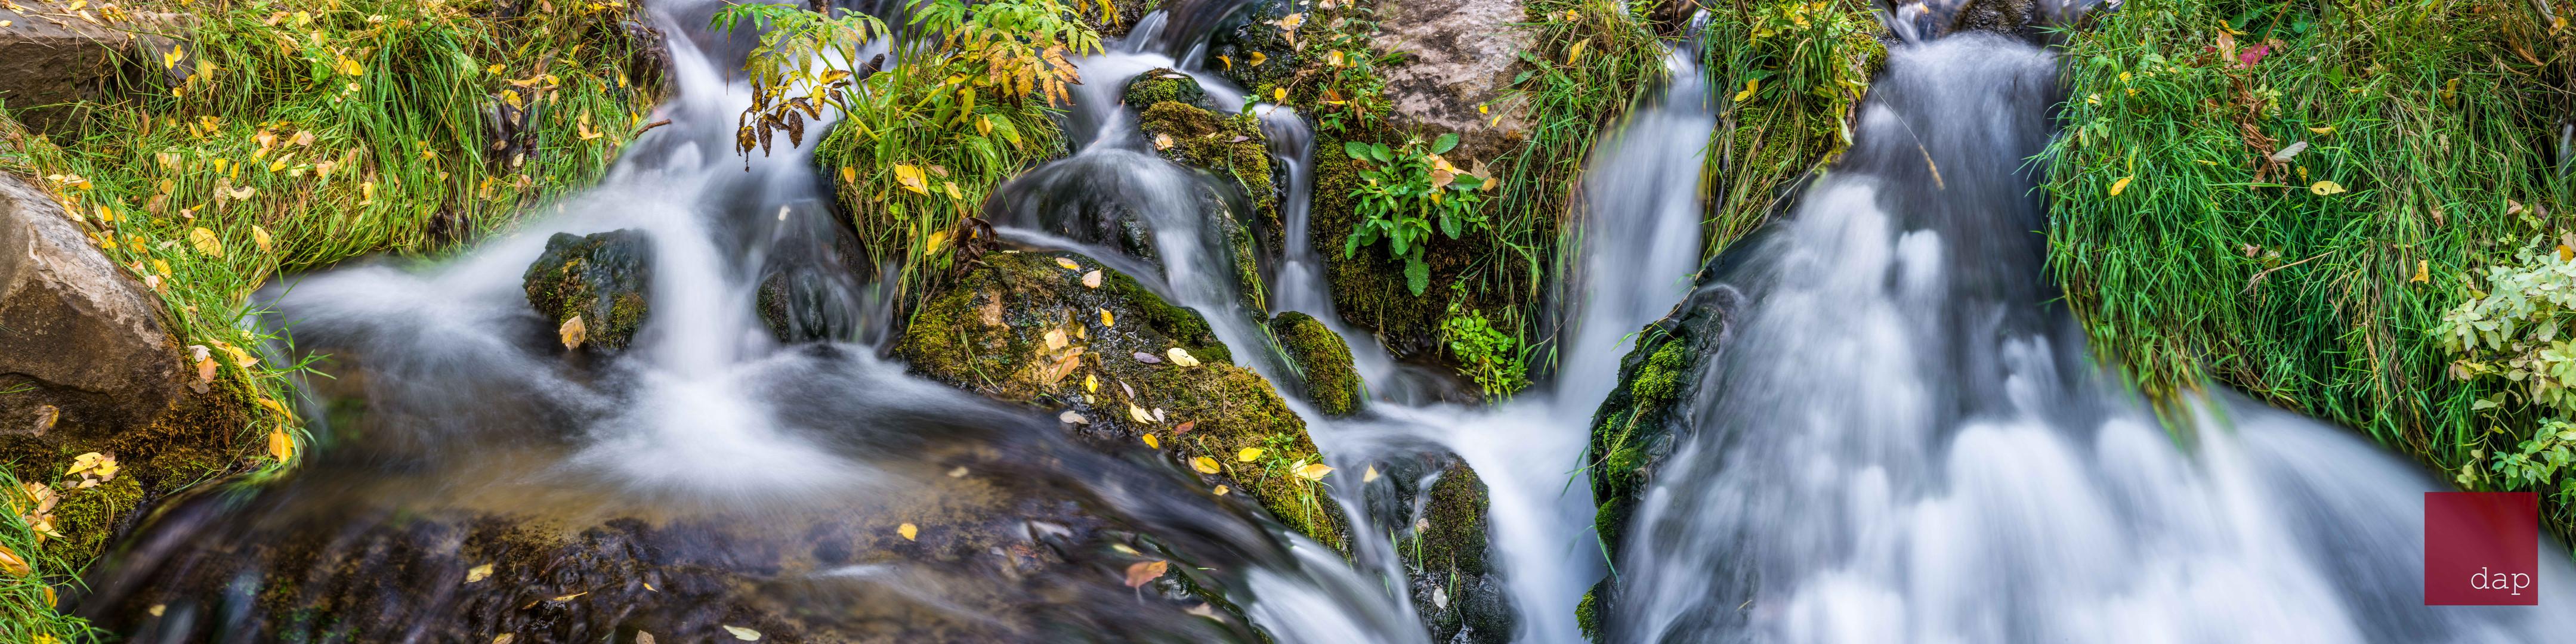 Hobble Creek 3 128